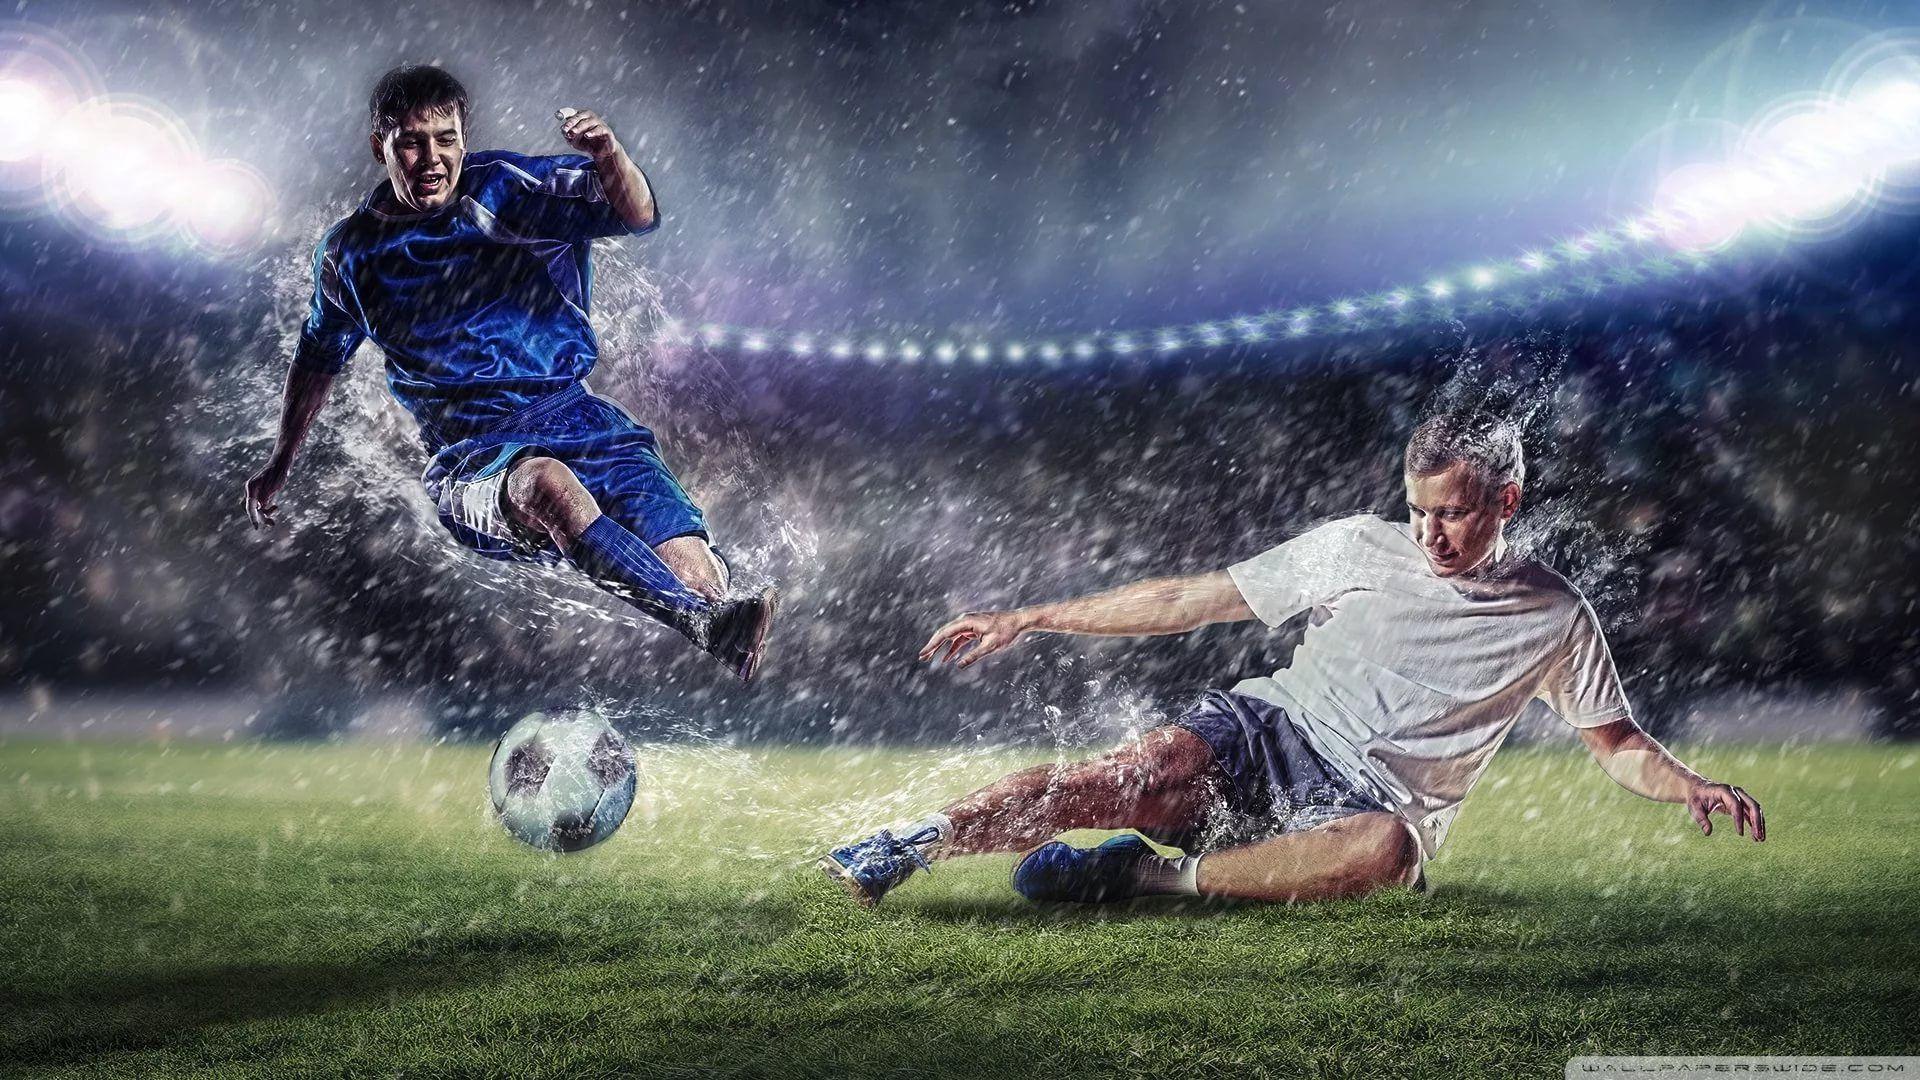 Soccer Player Full HD Wallpaper